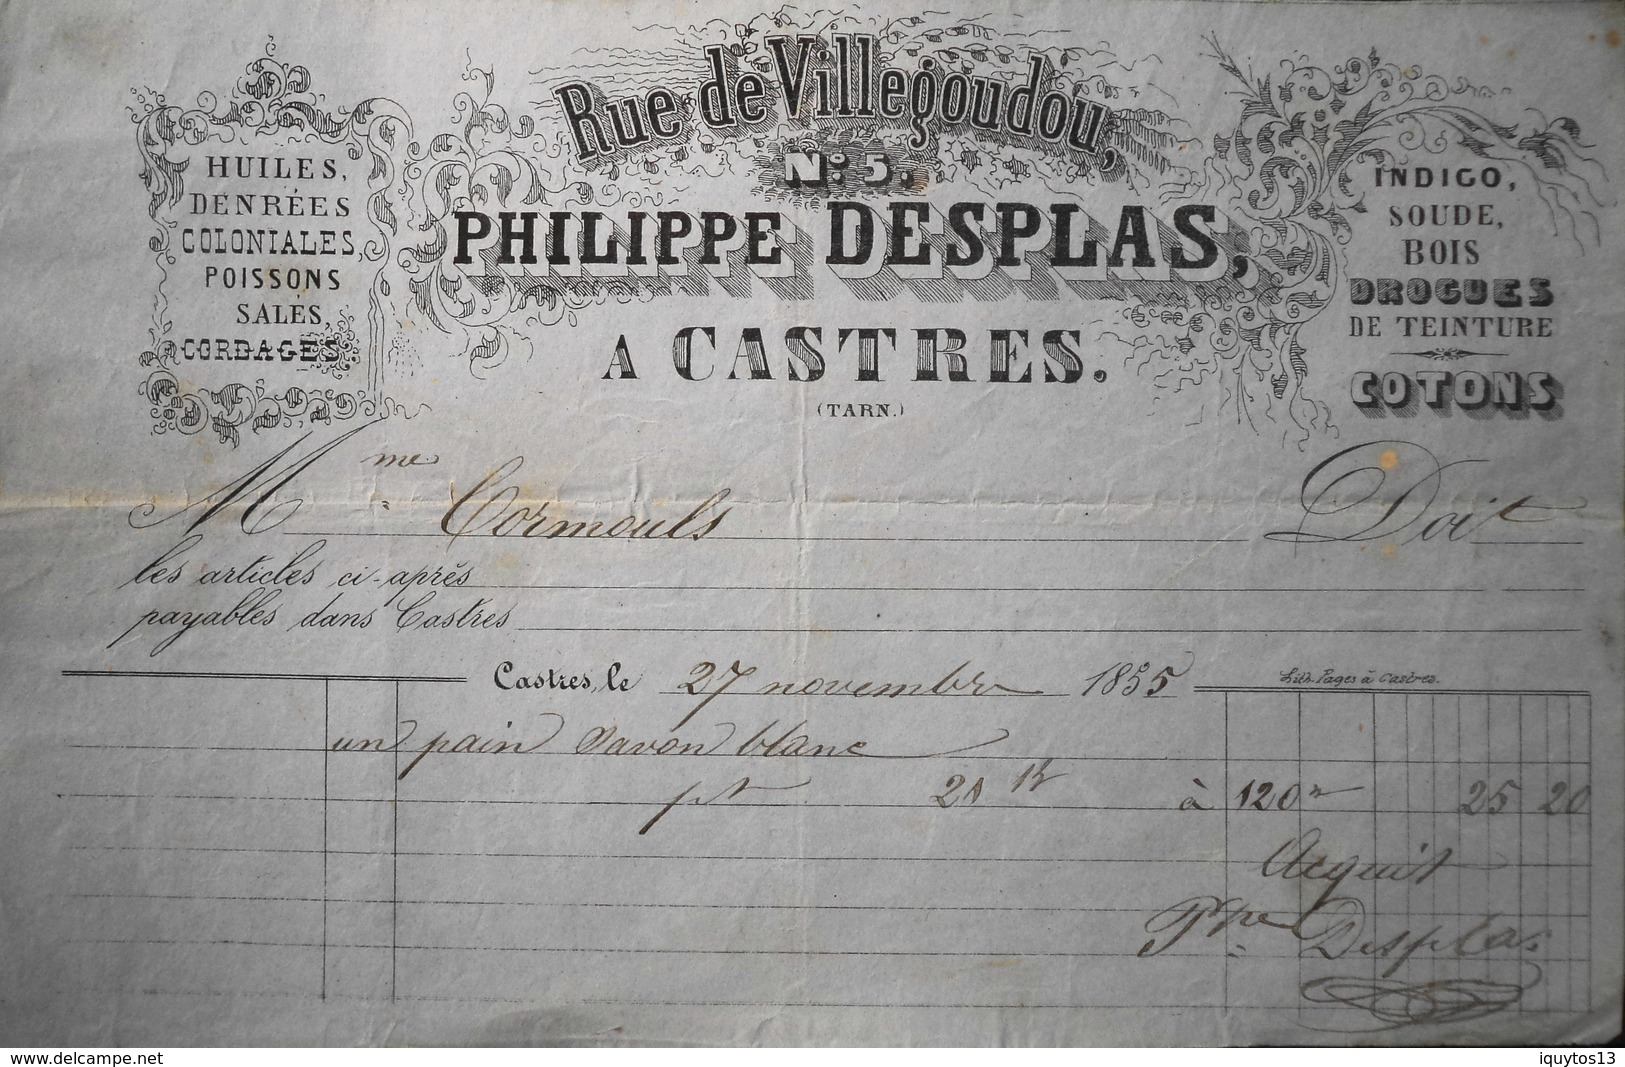 Facture De PHILIPPE DESPLAS Rue De Villegoudou à CASTRES à Mr CORMOULS - Acquit Et Signée Daté 27.11.1855 - BE - France